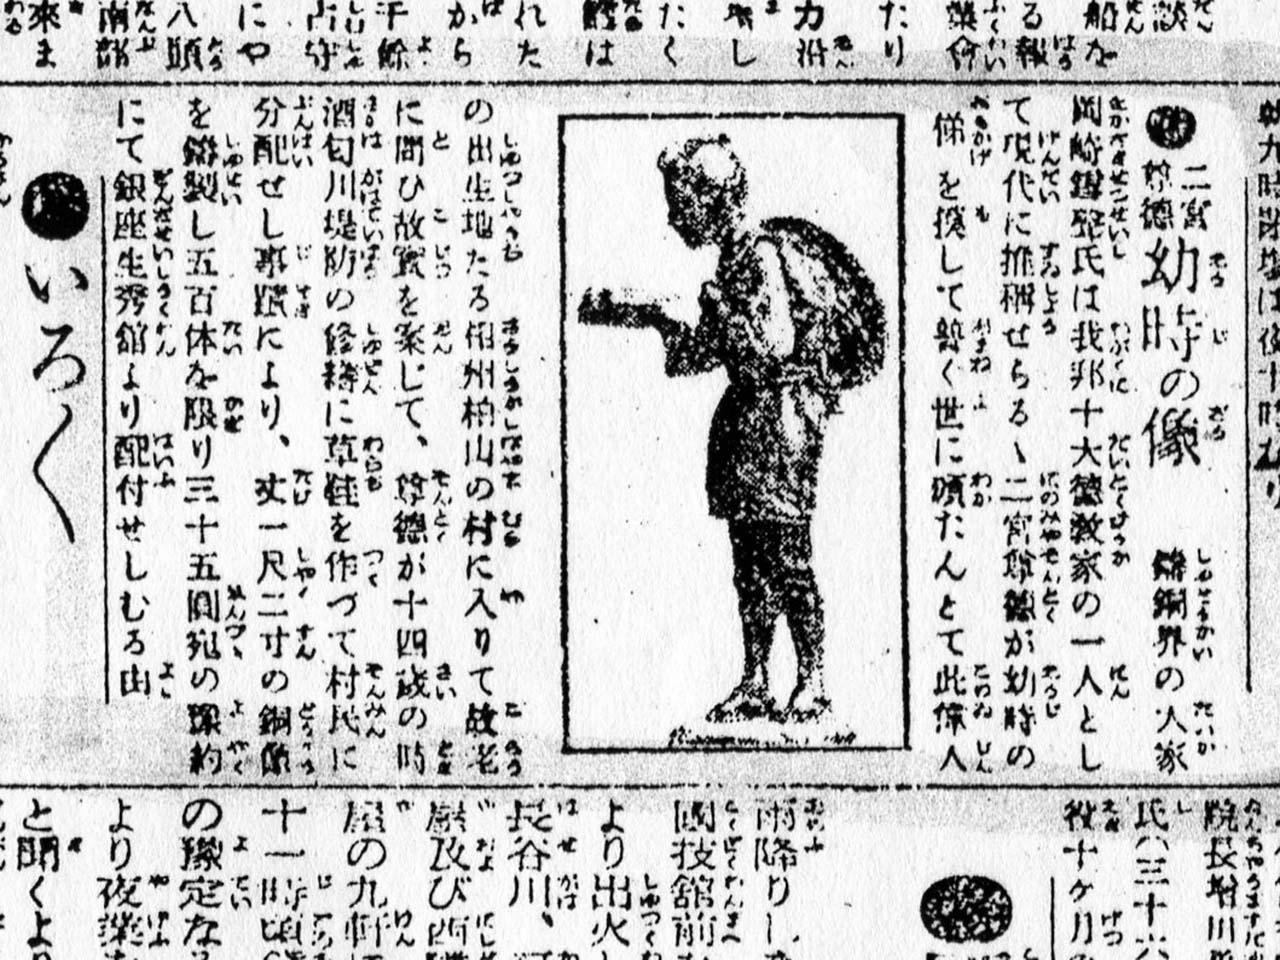 万朝報(萬朝報)1910(明治43)年10月12日付